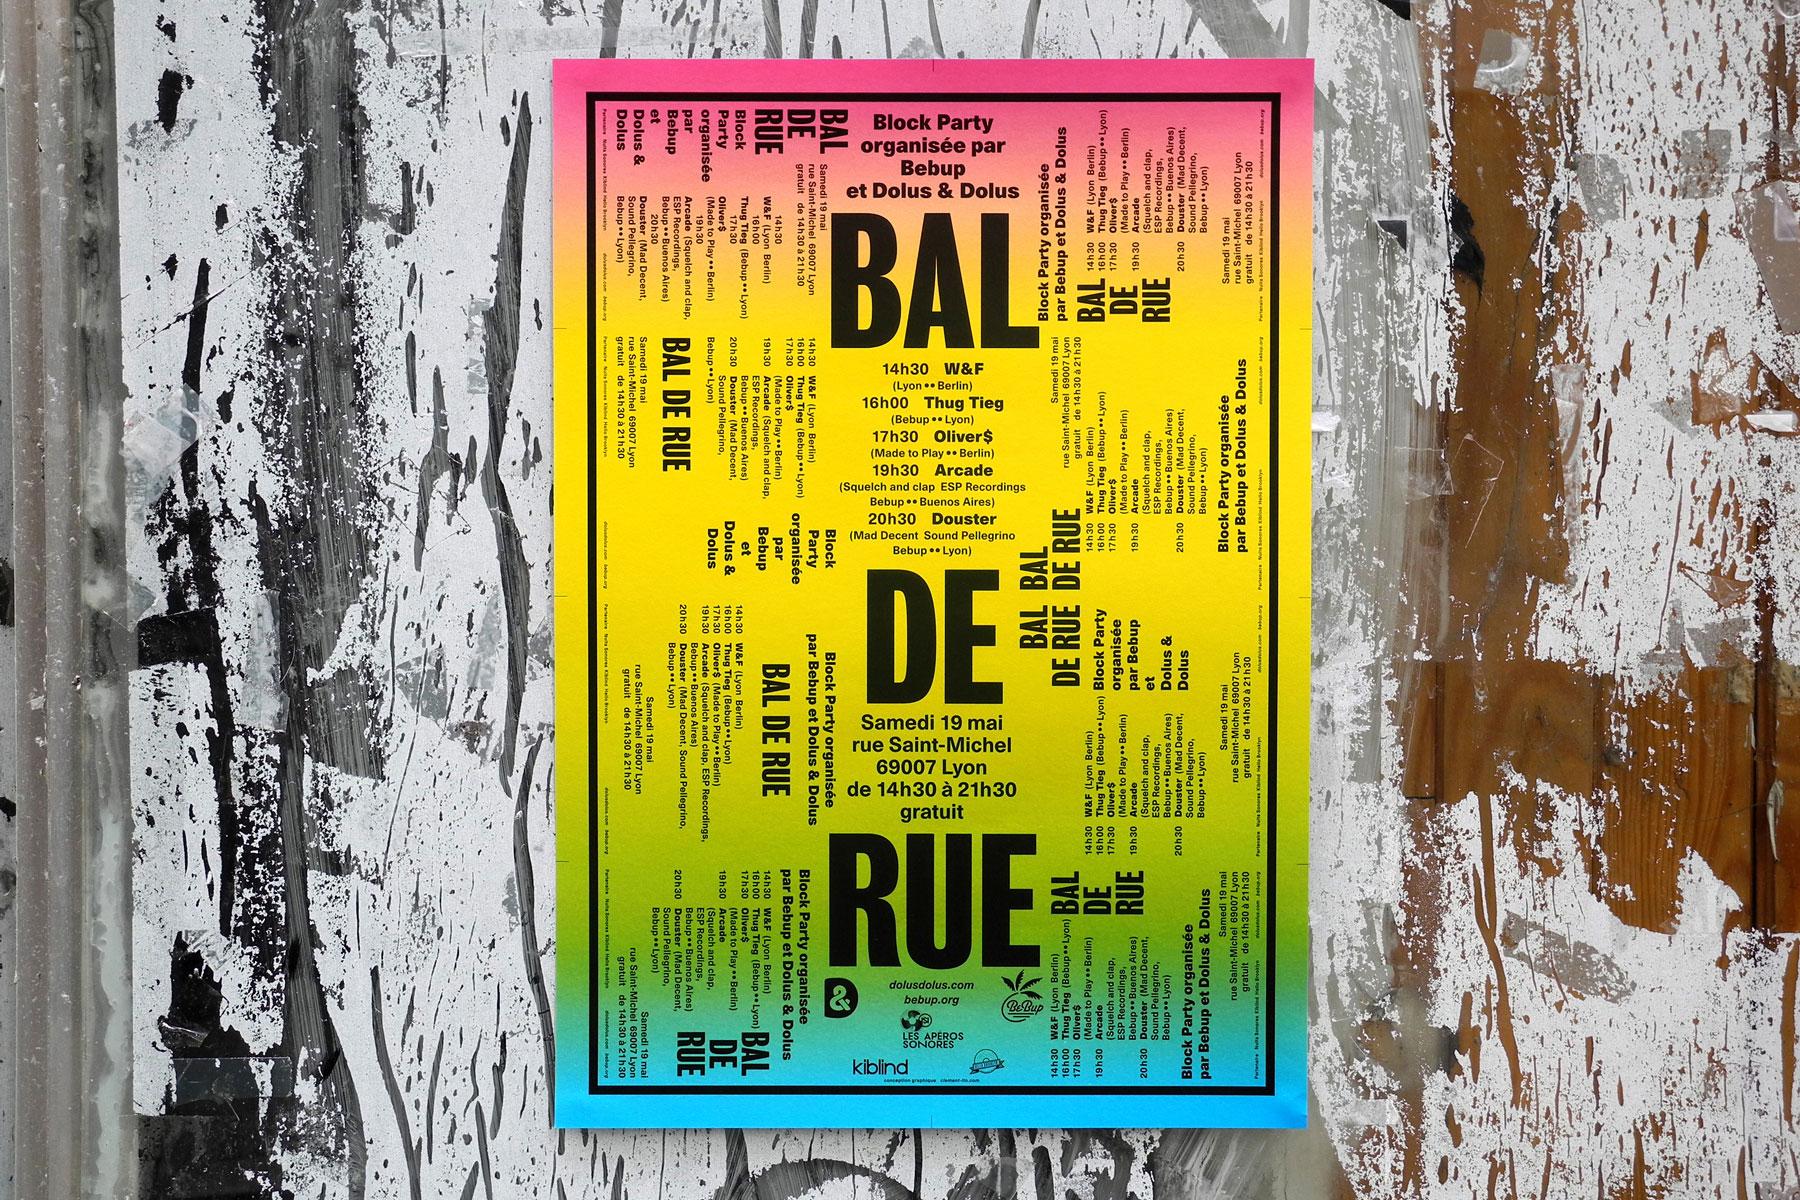 Bal de Rue